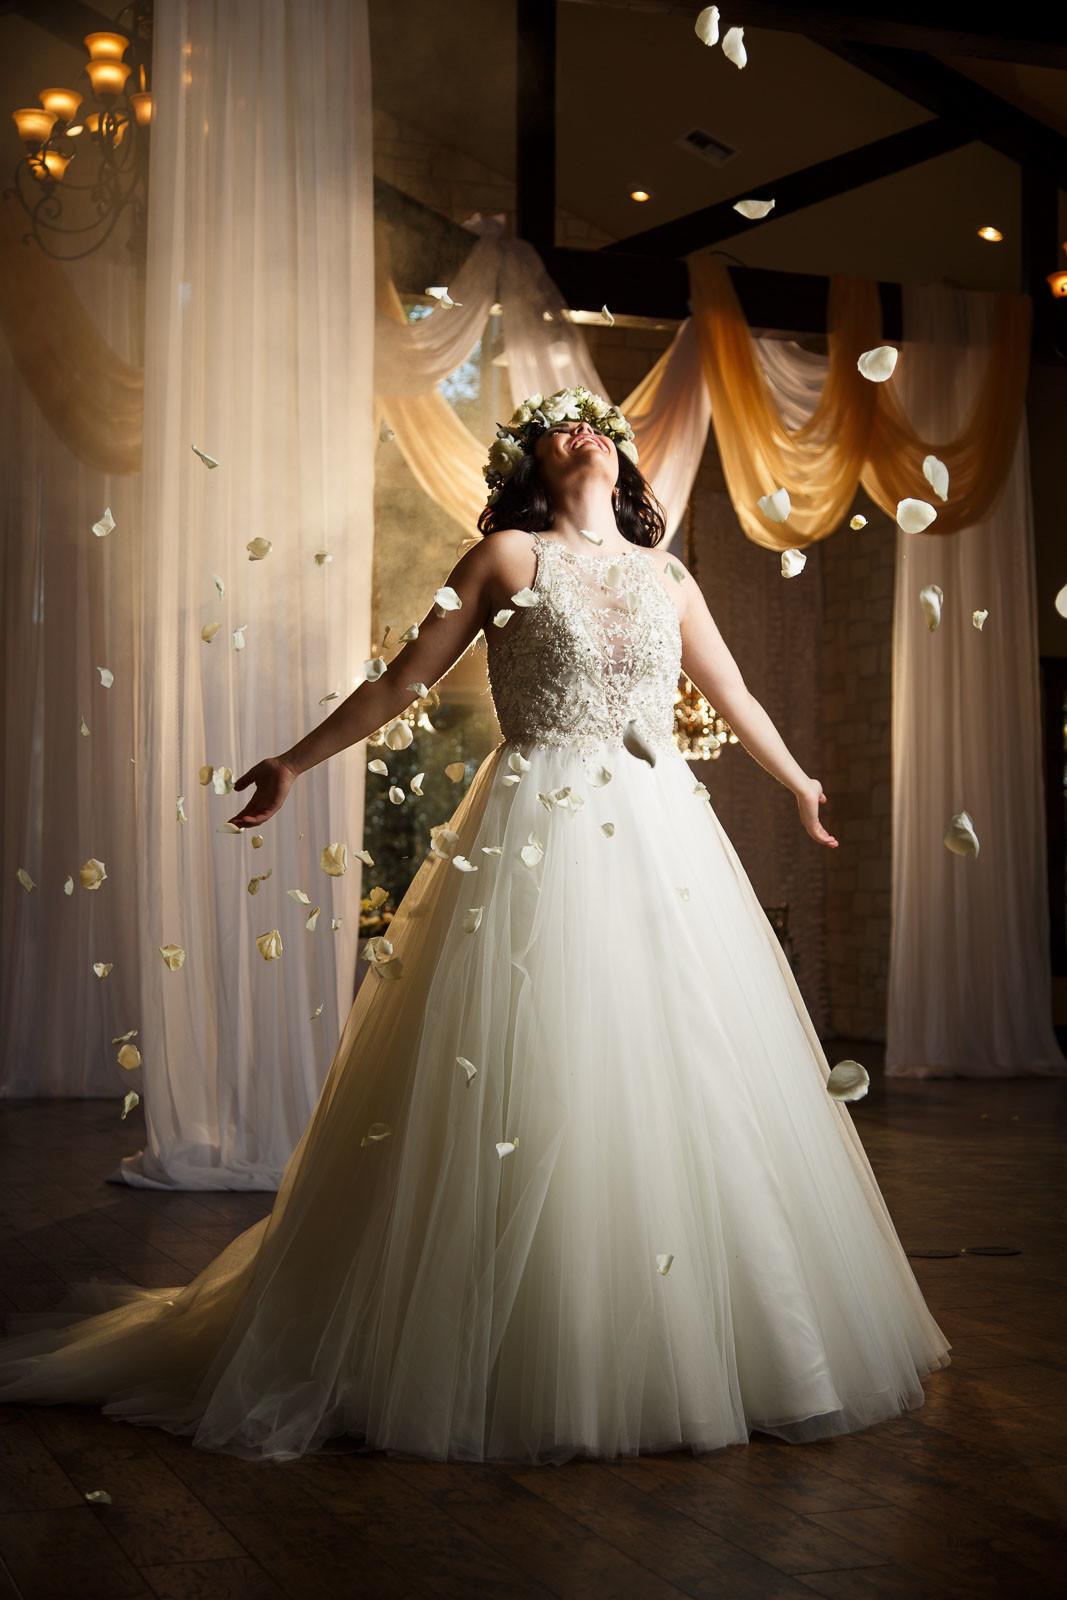 Wedding Photography Styles Explained: Elegant Golden Hour Wedding